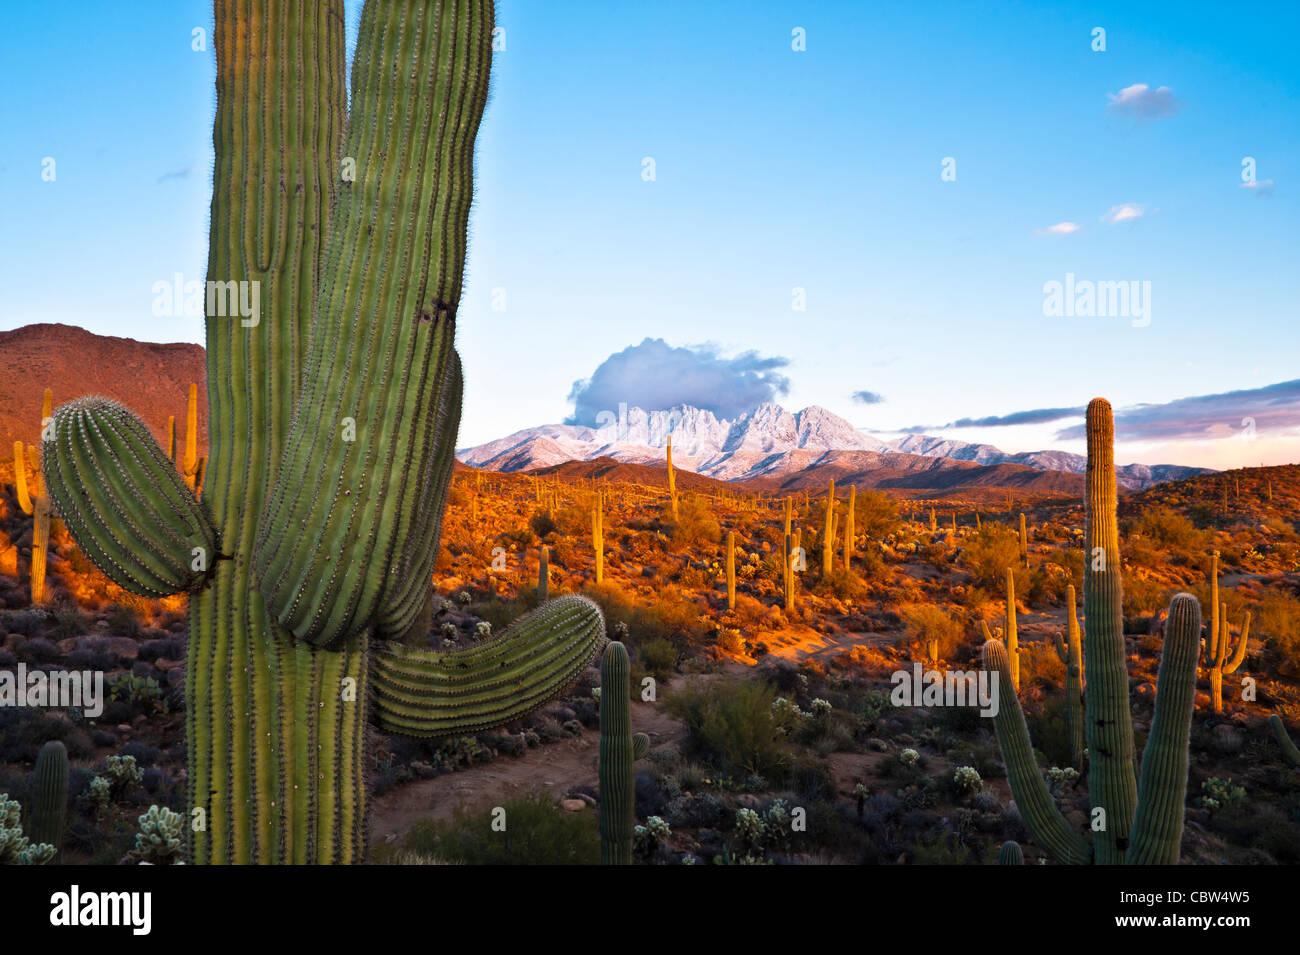 Vier Gipfel (Yavapai: Wikopa, 7657 Füßen (2335 m) in der Höhe, ist ein Wahrzeichen am östlichen Horizont von Phoenix. Stockfoto